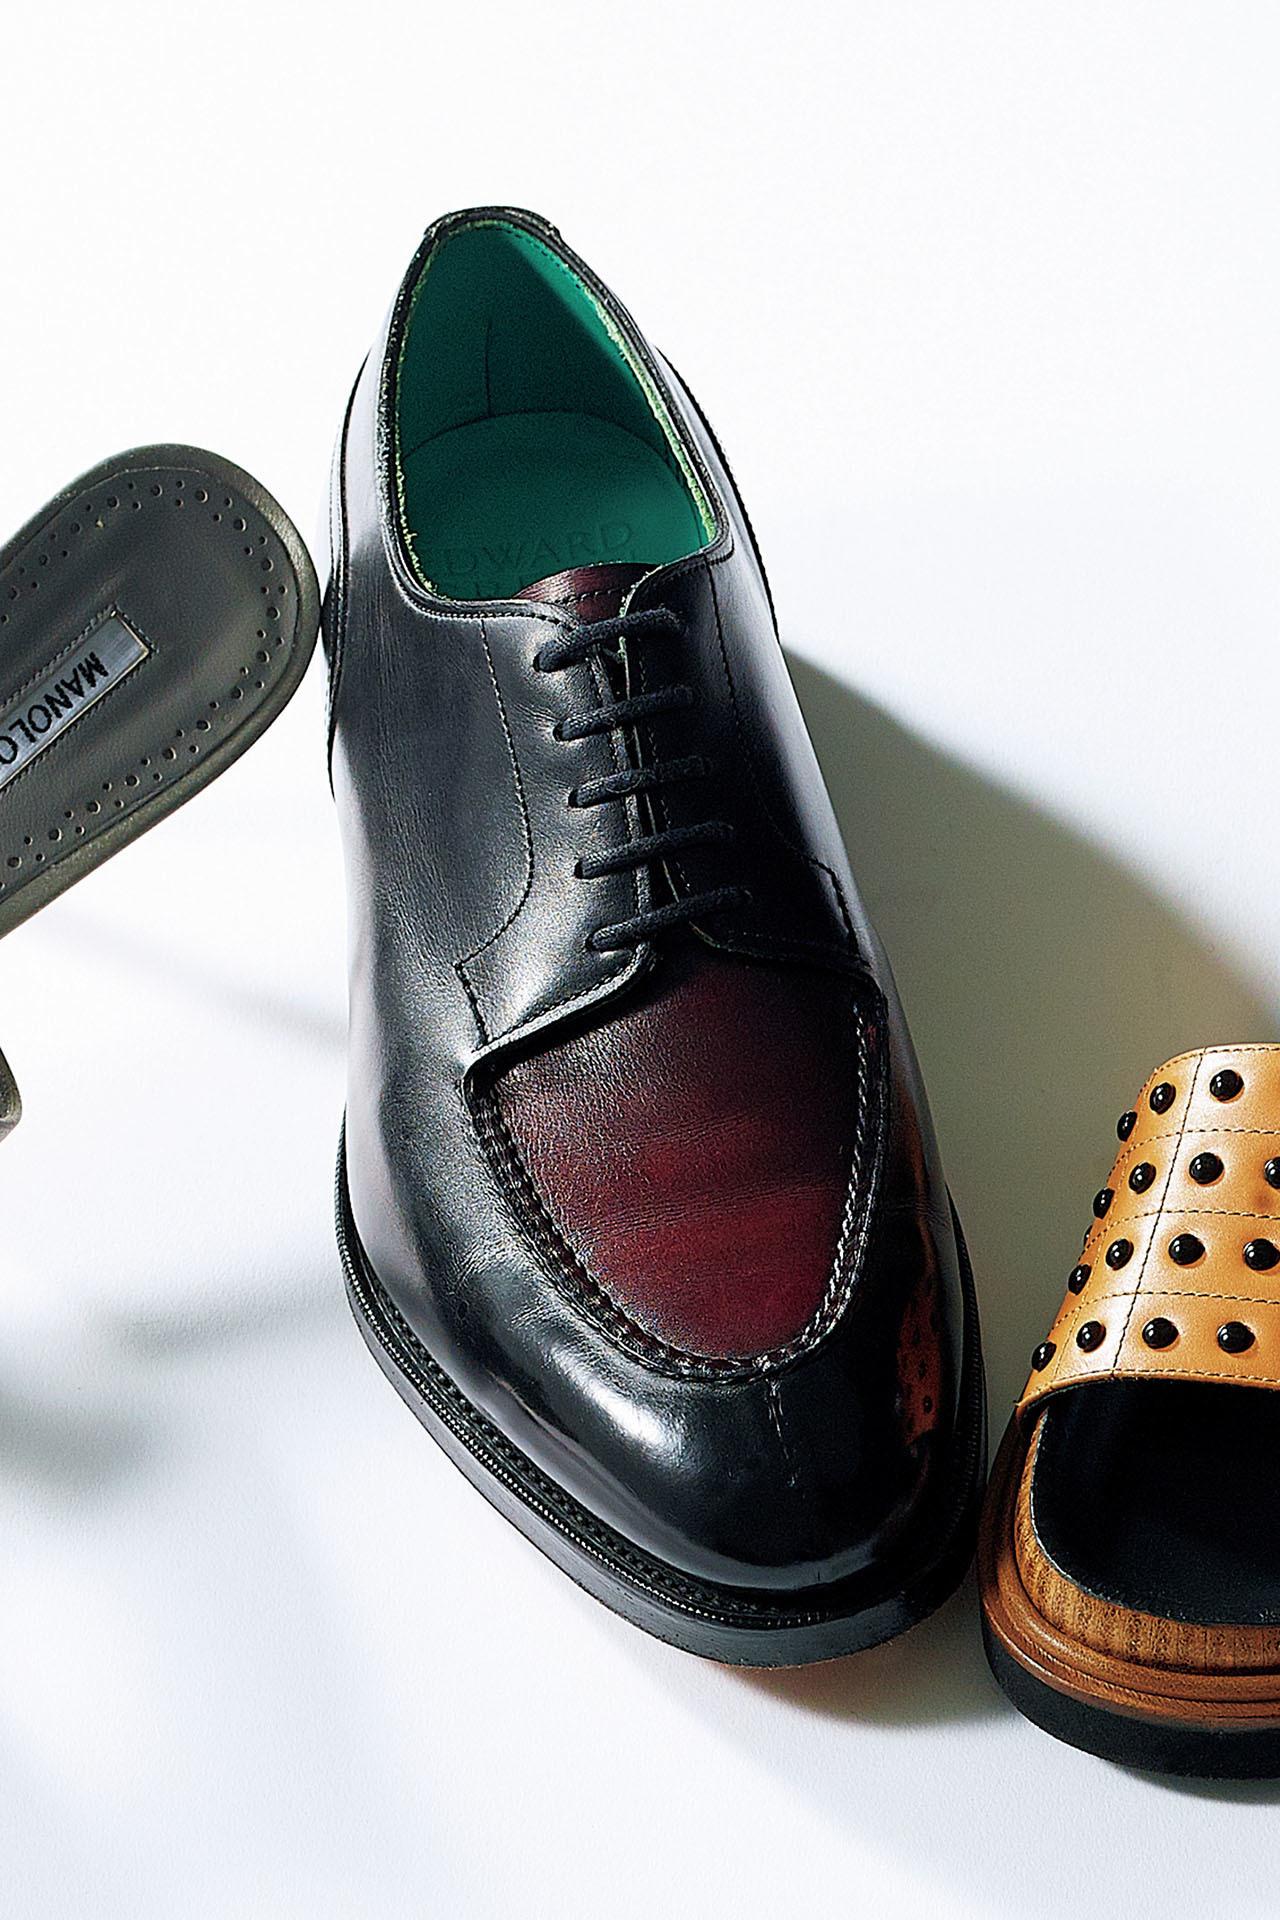 春のスカートスタイルで差をつけたいなら、こだわりカラーのマニッシュ靴を投入 五選_1_1-1